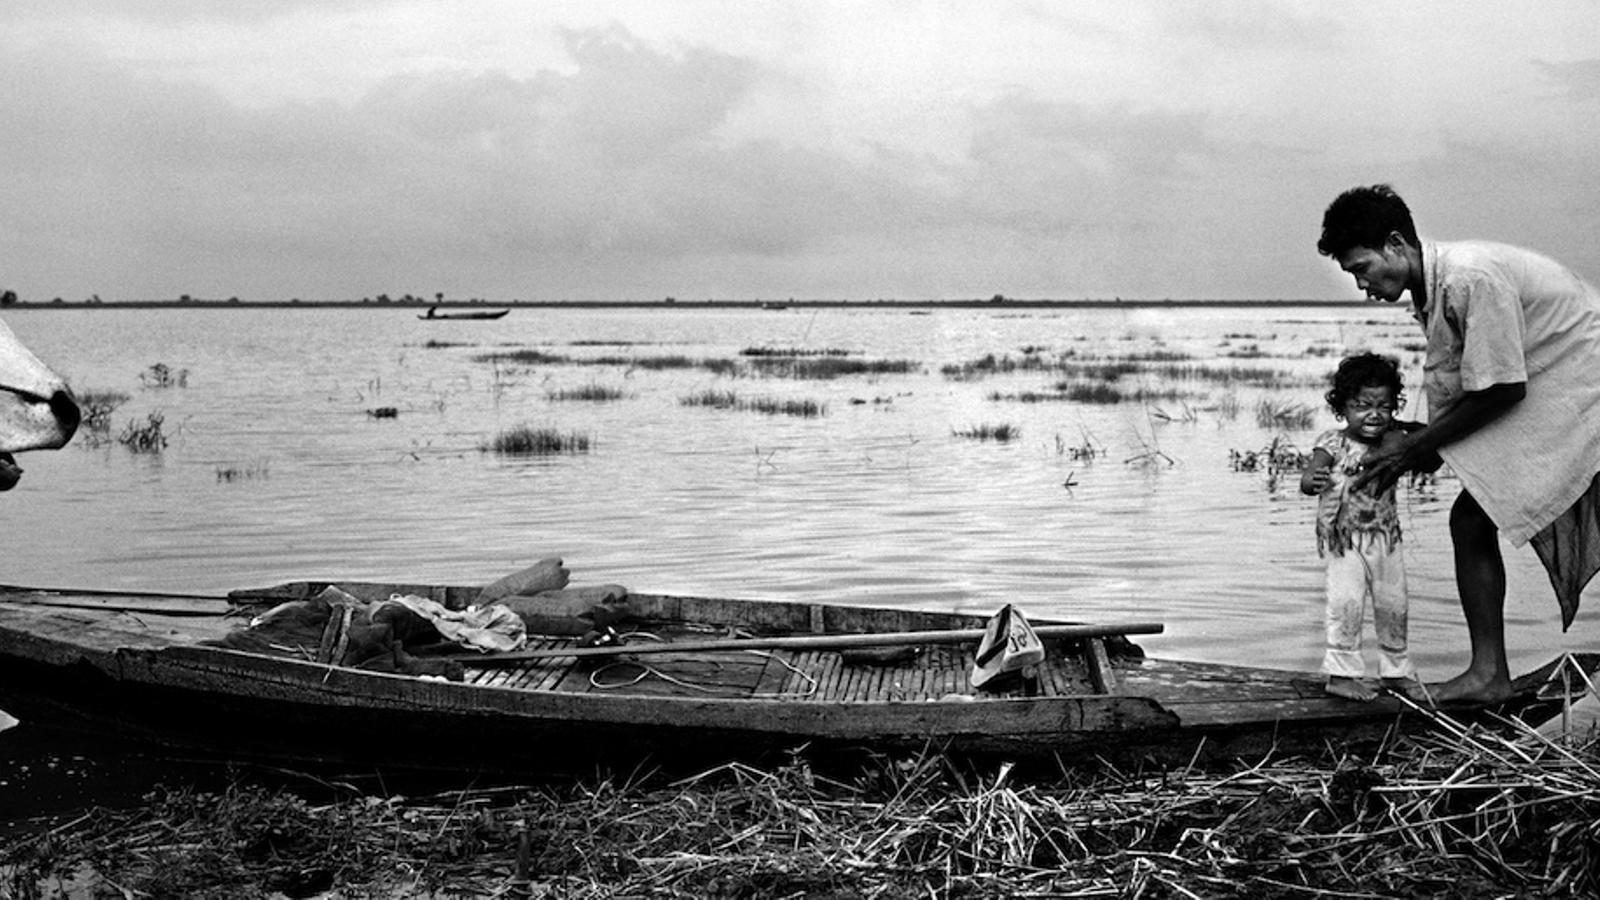 L'augment del cabal del riu Mekong durant el monsó inunda els camps d'arròs com els de la fotografia a Battambang, Cambodja